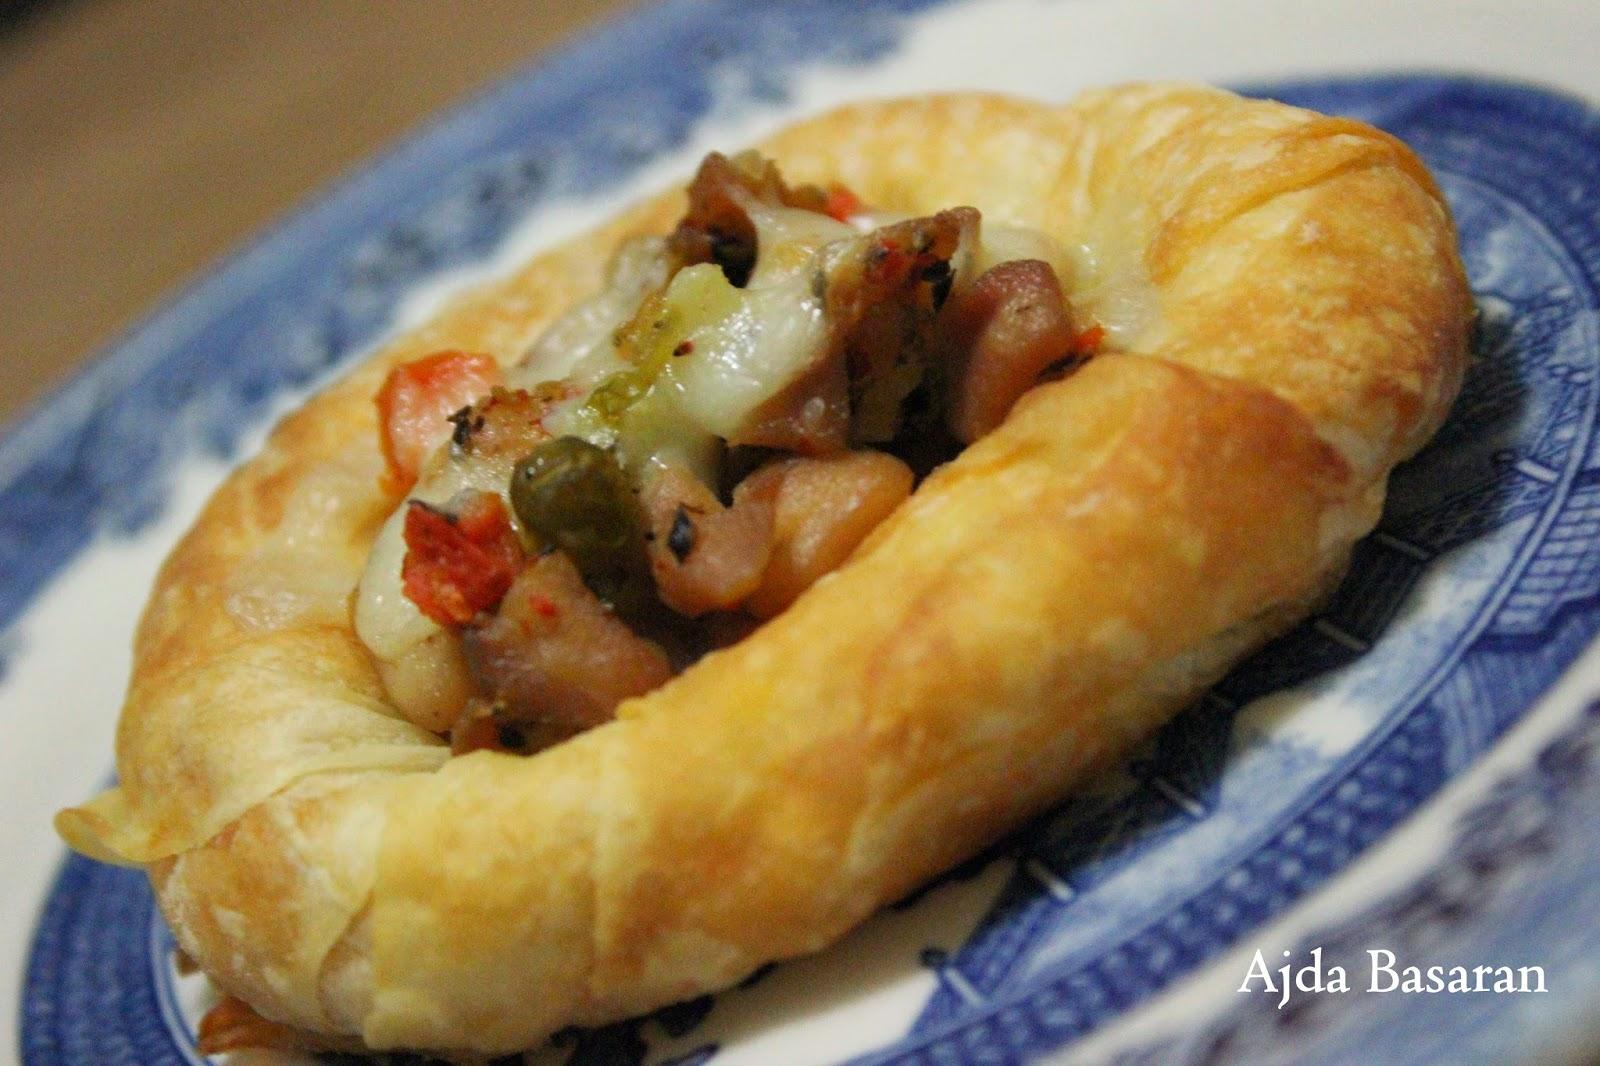 Tavuk börek: Meksika yemeği için tarif